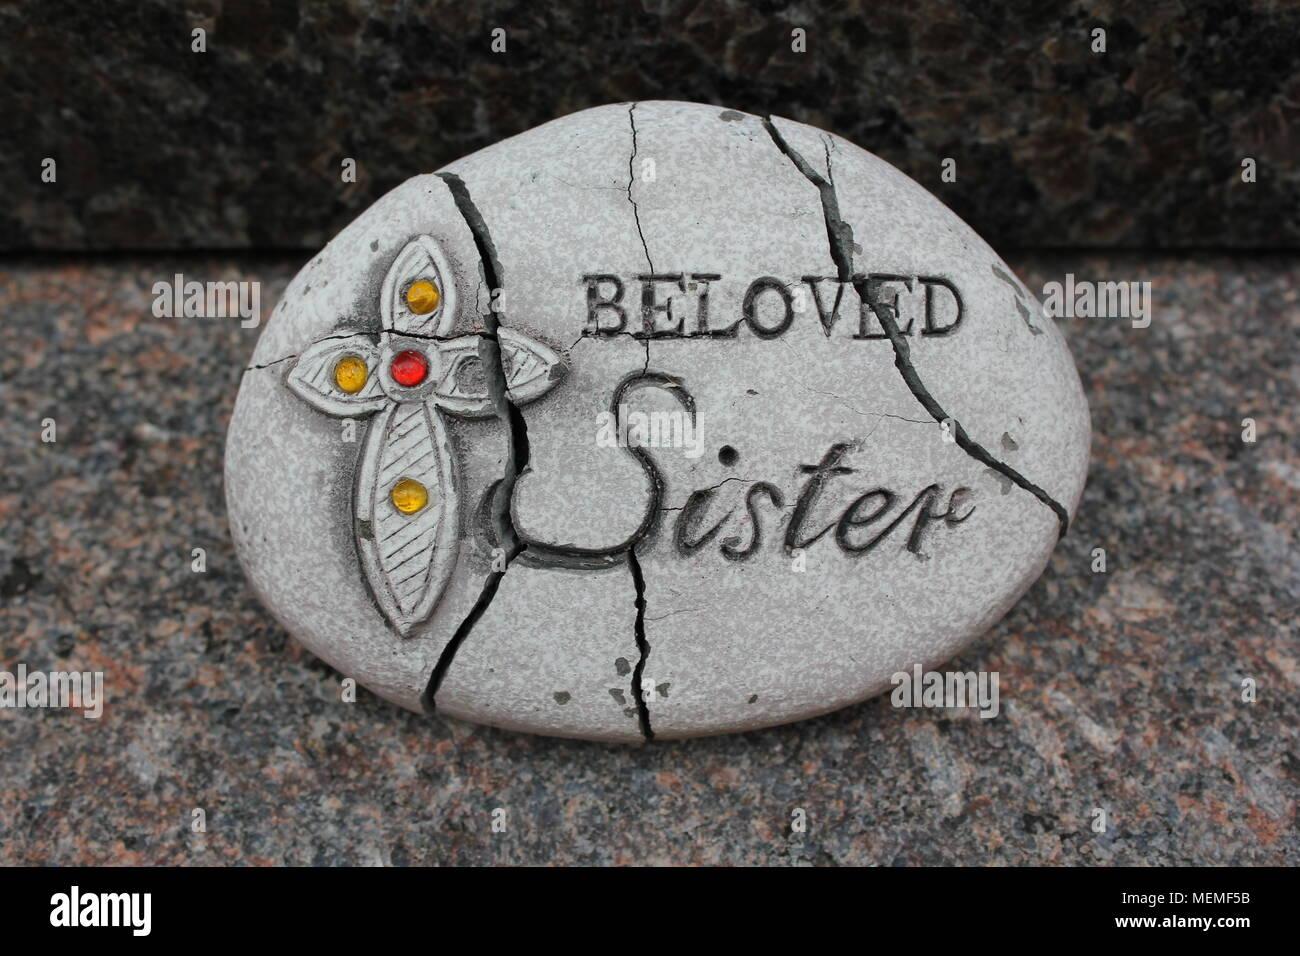 """Memorial rock, dass Staaten """"geliebte Schwester"""" neben einem Kreuz geschmückt. Stockfoto"""